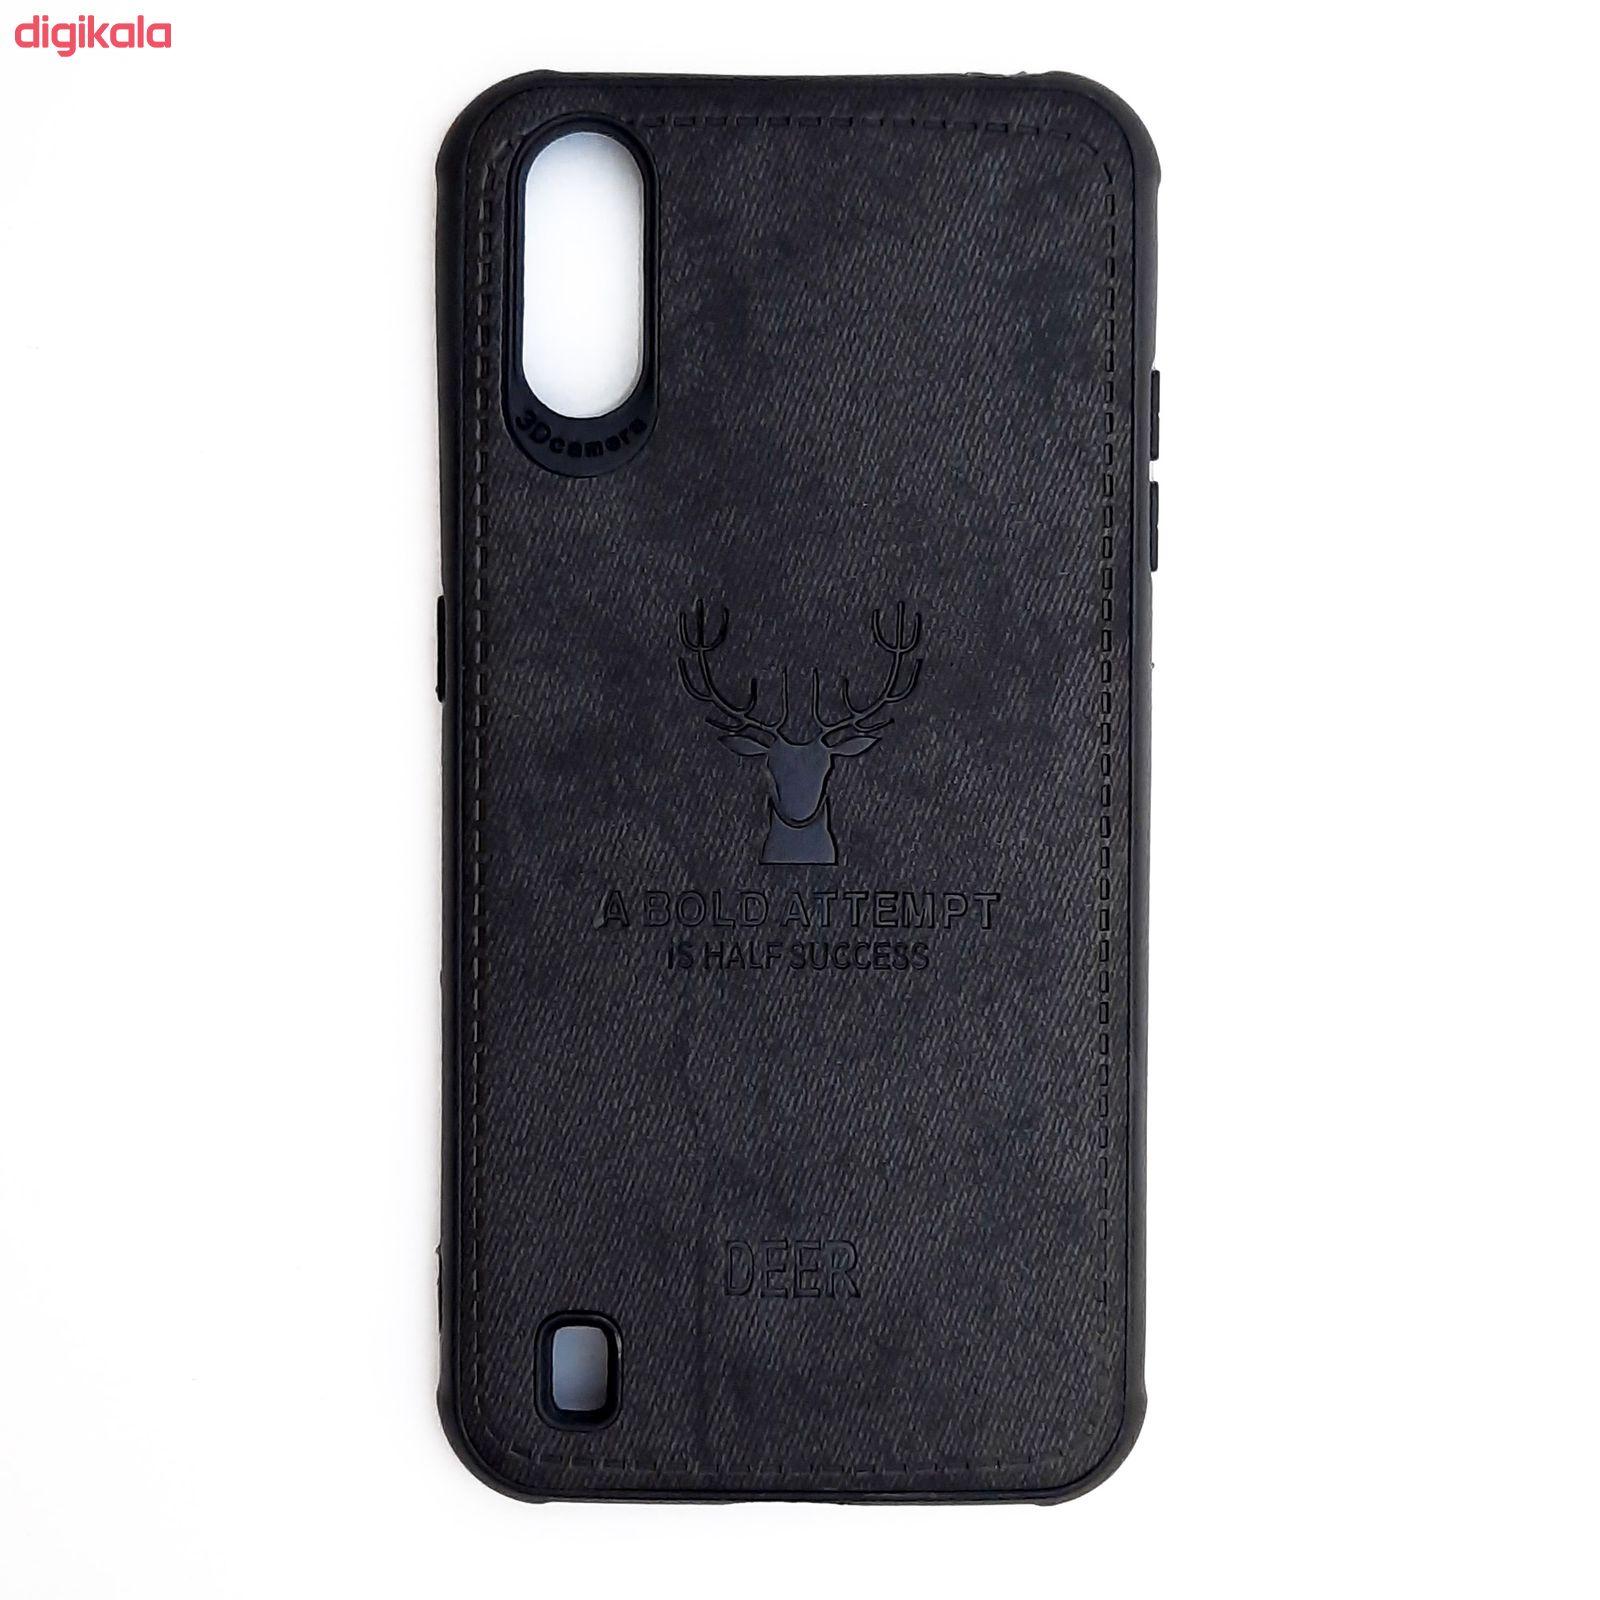 کاور مدل CO503 طرح گوزن مناسب برای گوشی موبایل سامسونگ Galaxy A01 main 1 8